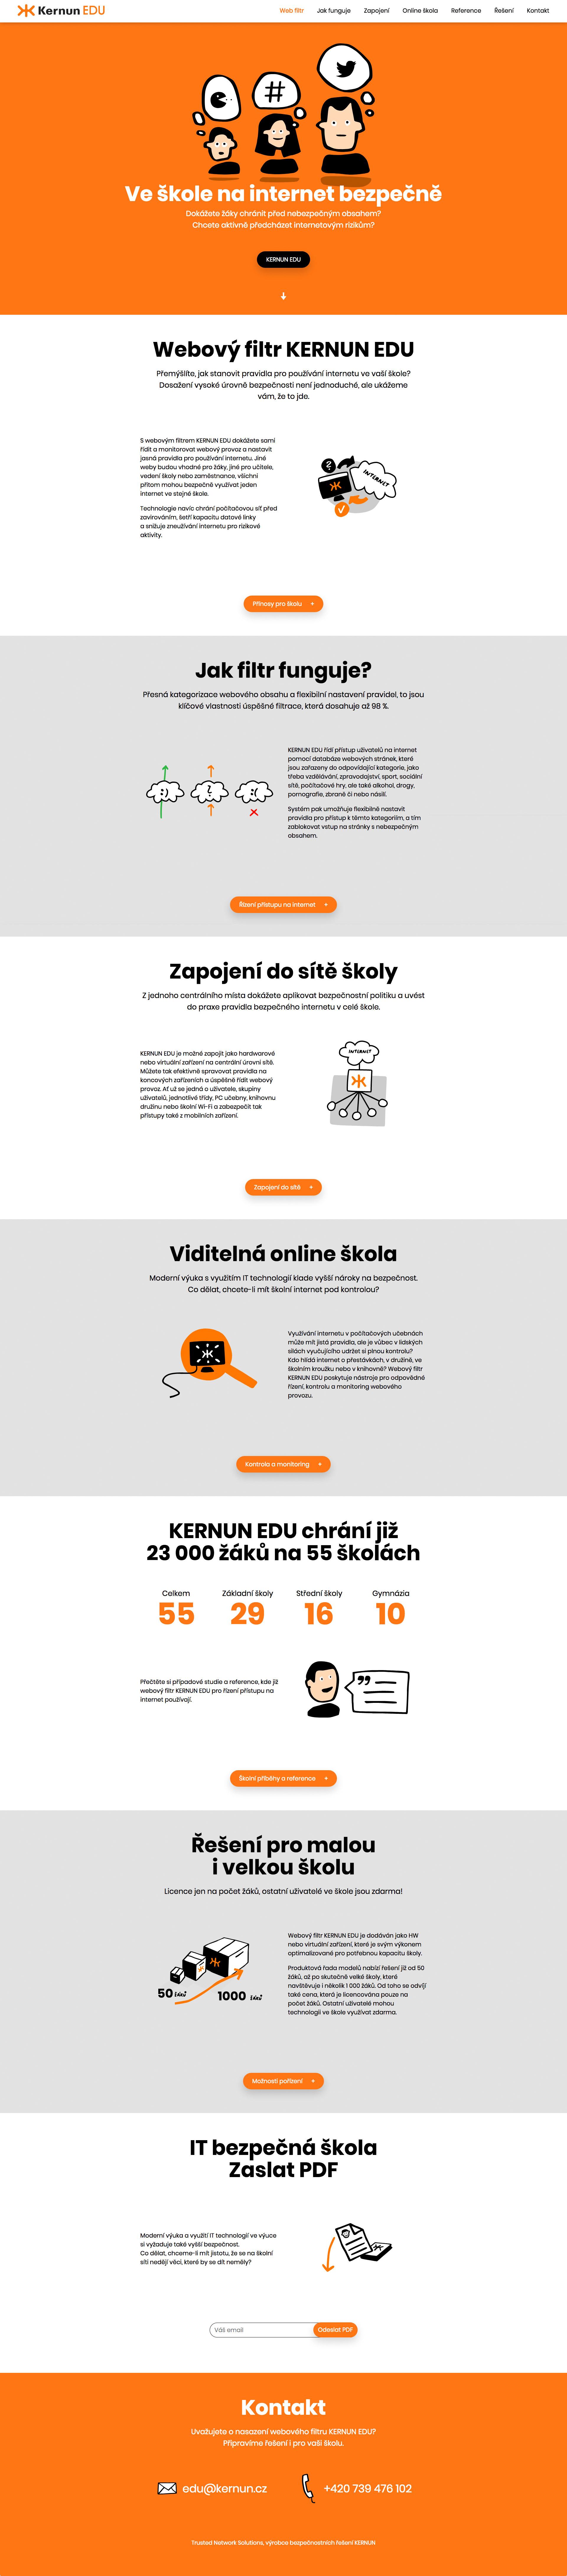 Realizace Webdesign Kernun EDU